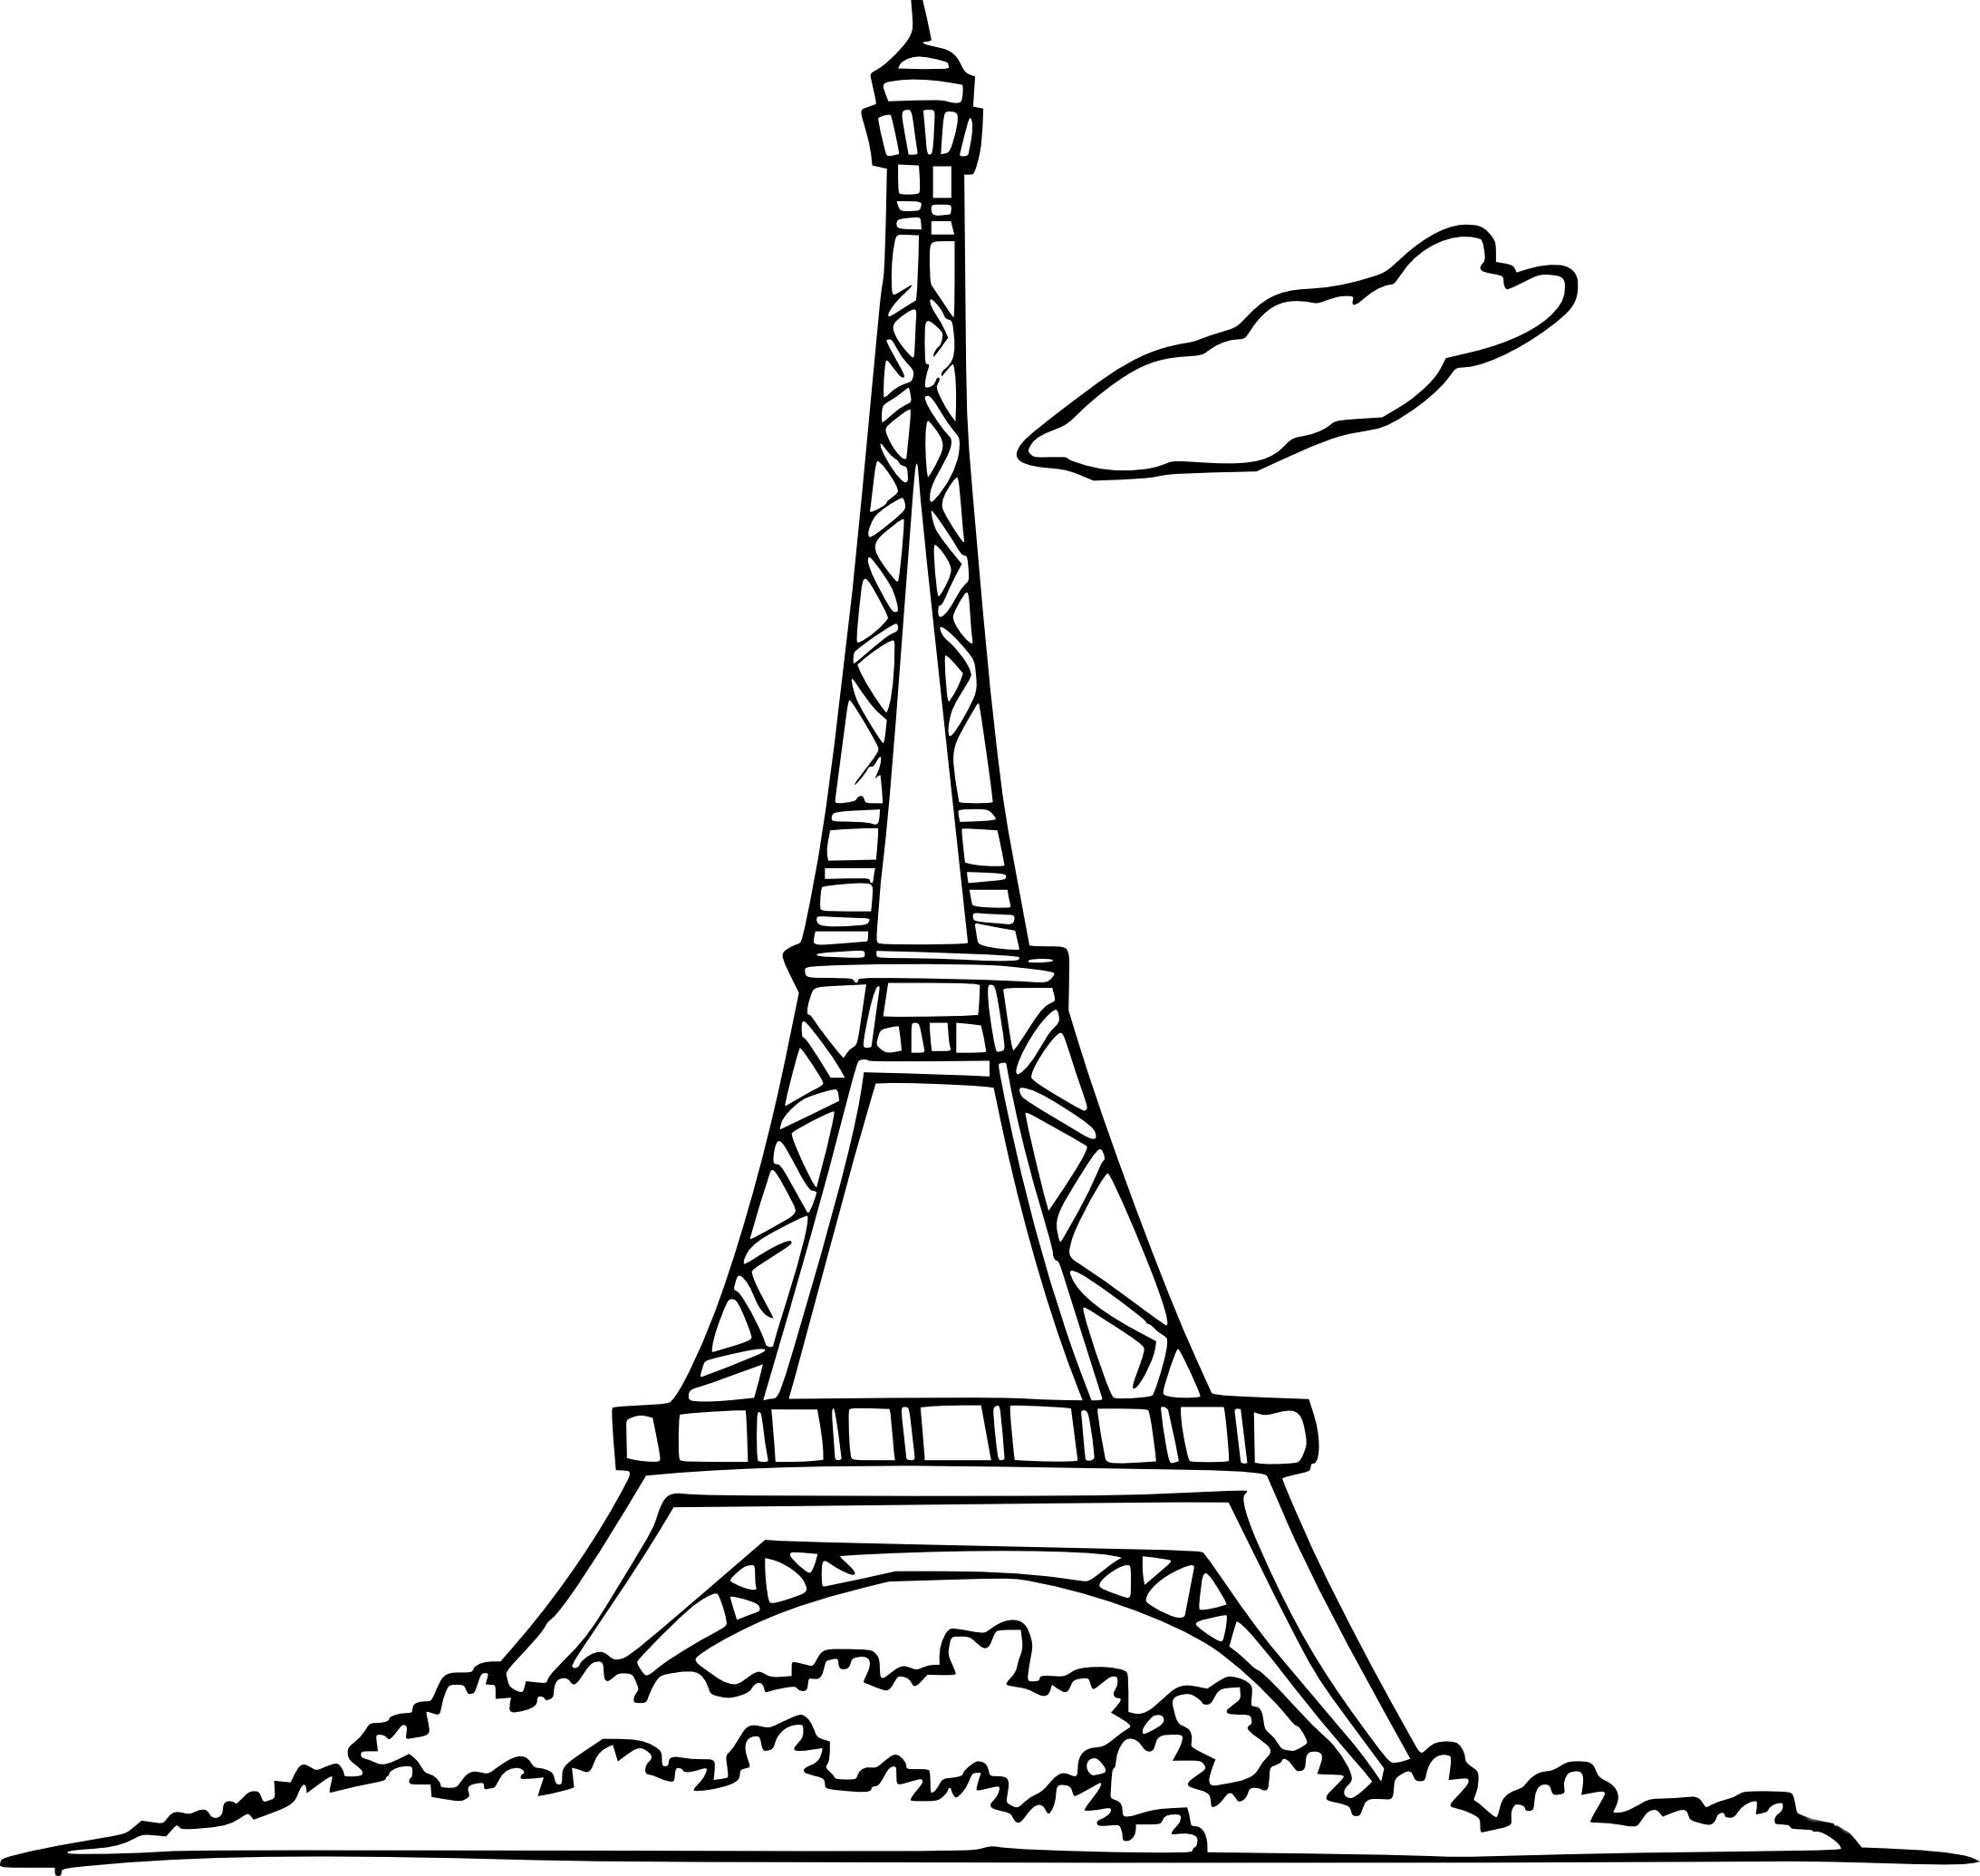 Coloriage A Imprimer Tour Eiffel.Coloriage Tour Eiffel A Imprimer